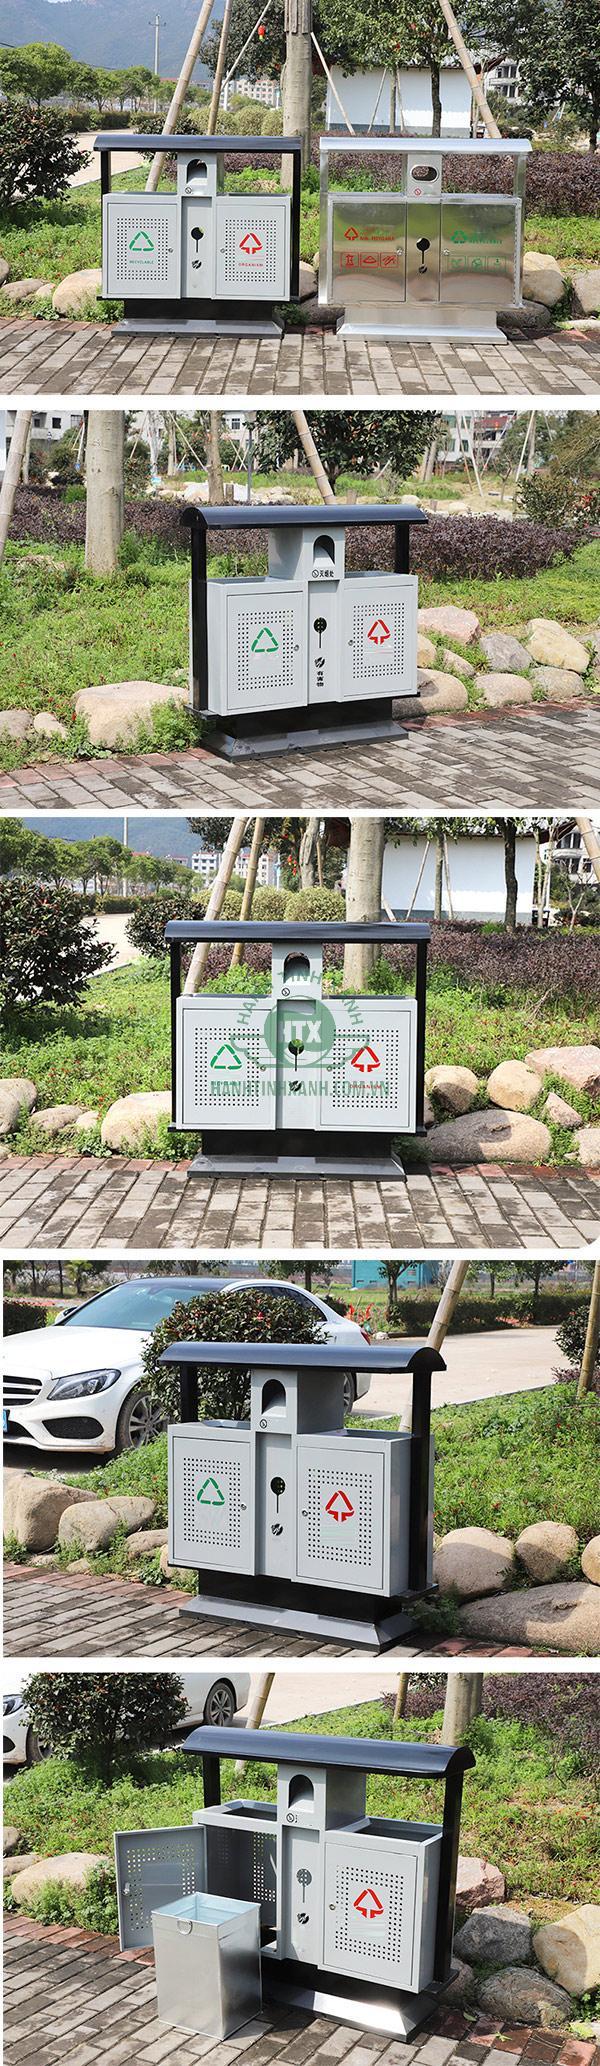 Mẫu thùng rác phù hợp trong nhiều địa điểm công cộng